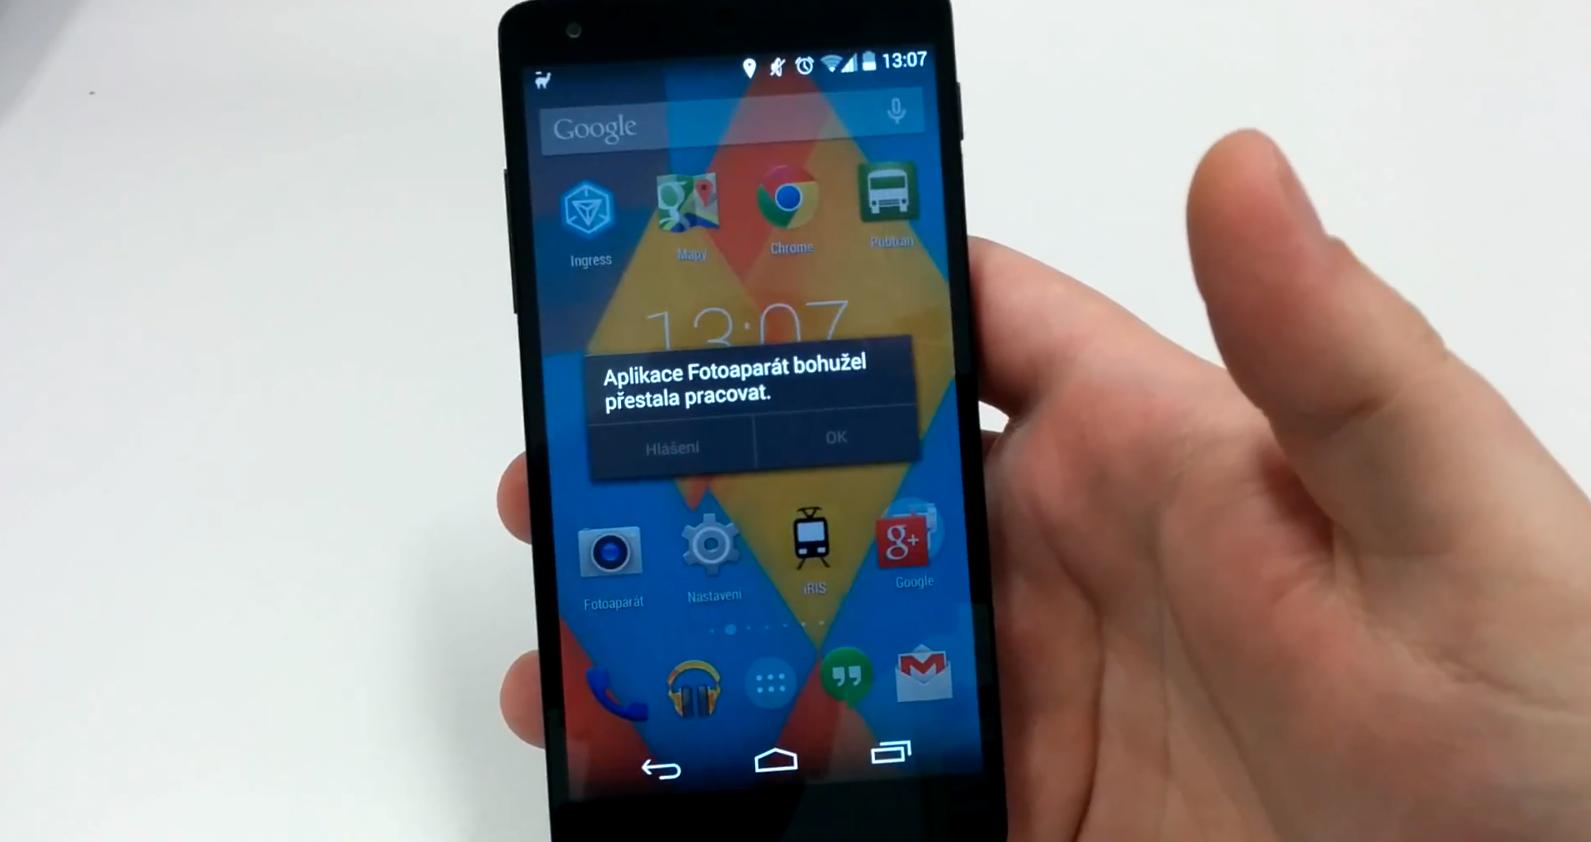 Google Goggles způsobuje chybu v Androidu 4.4 KitKat